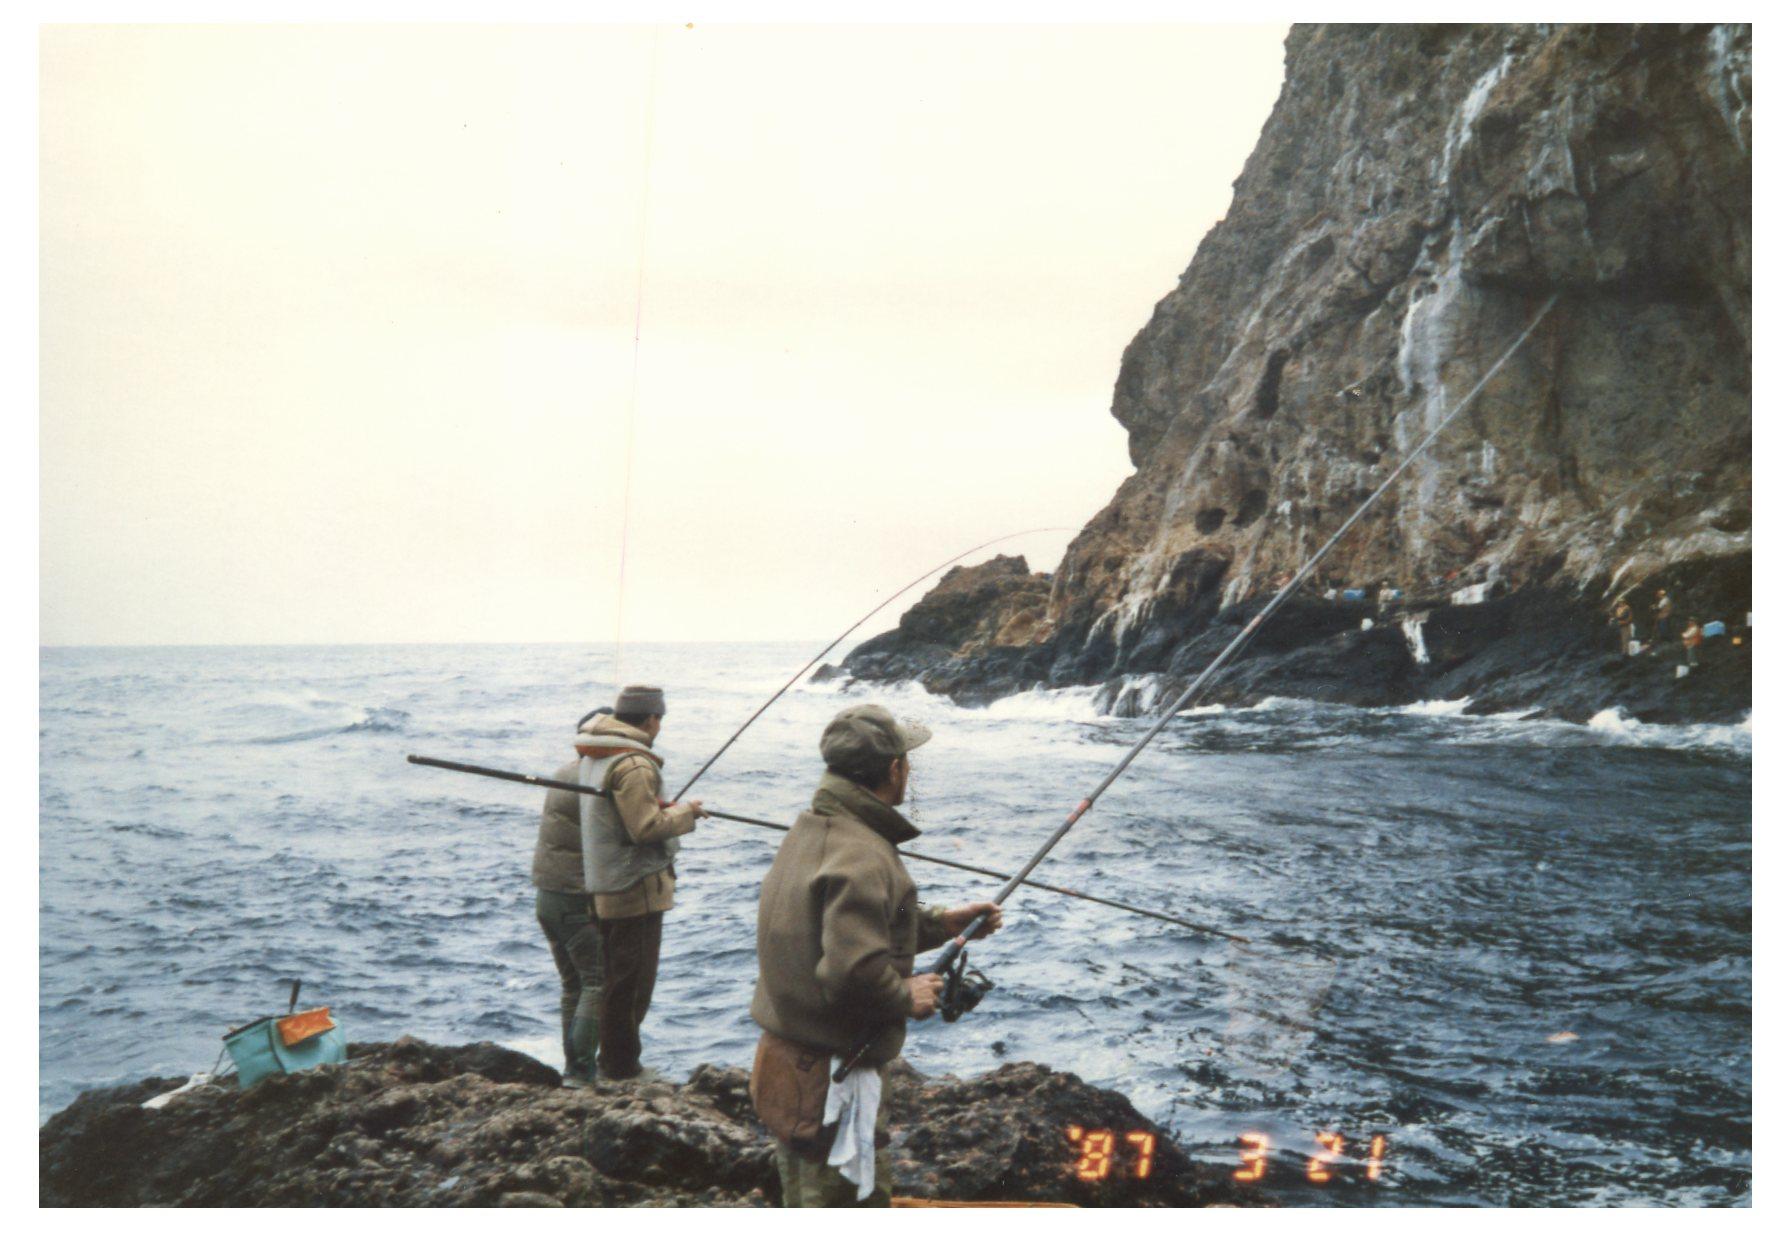 湯瀬中の瀬での釣り風景